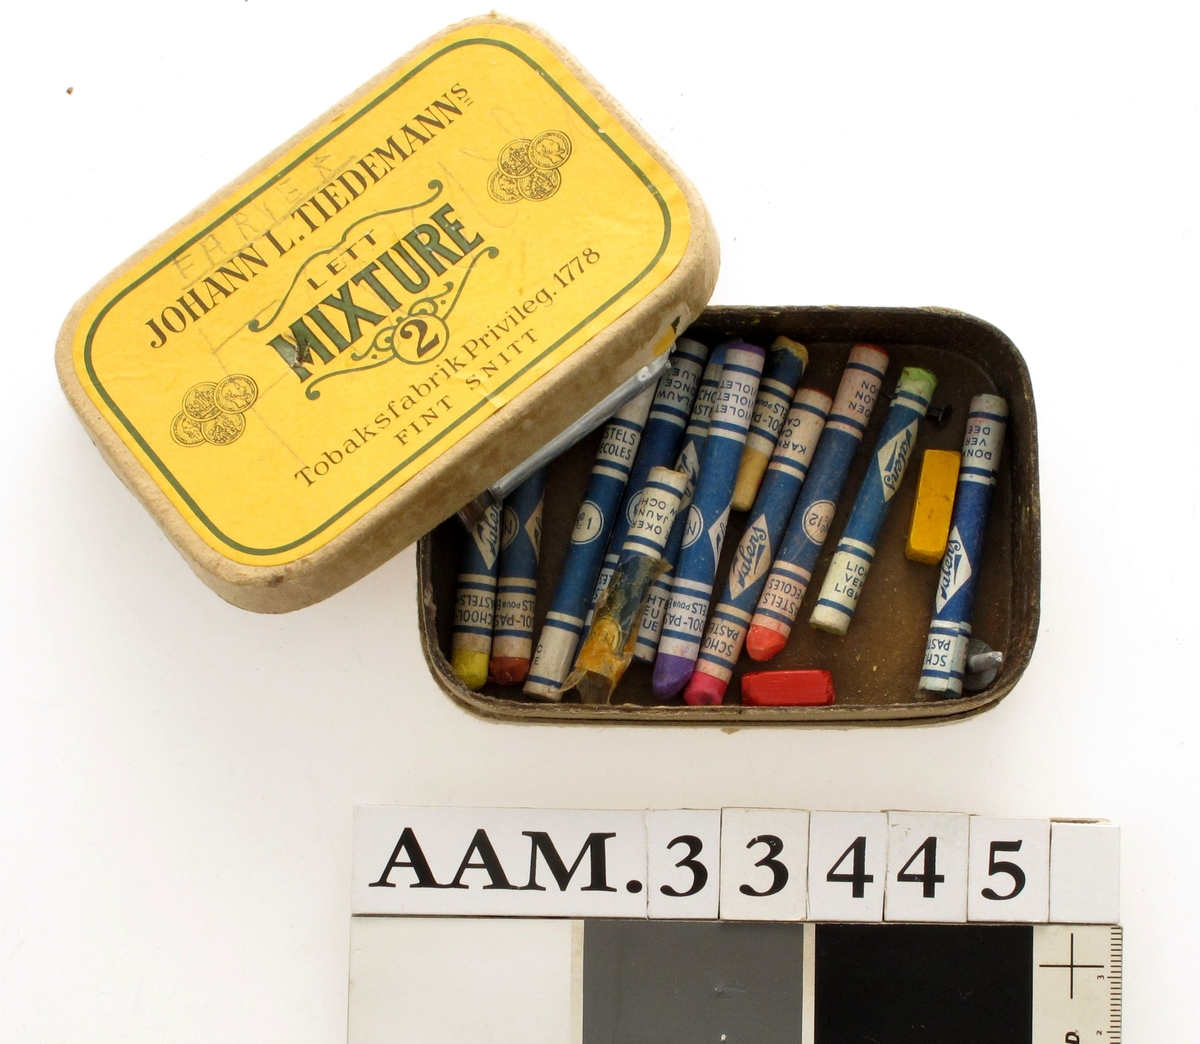 Fargestifter, pastellstifter,  12 stk fargestifter  ++  i tobakkseske.